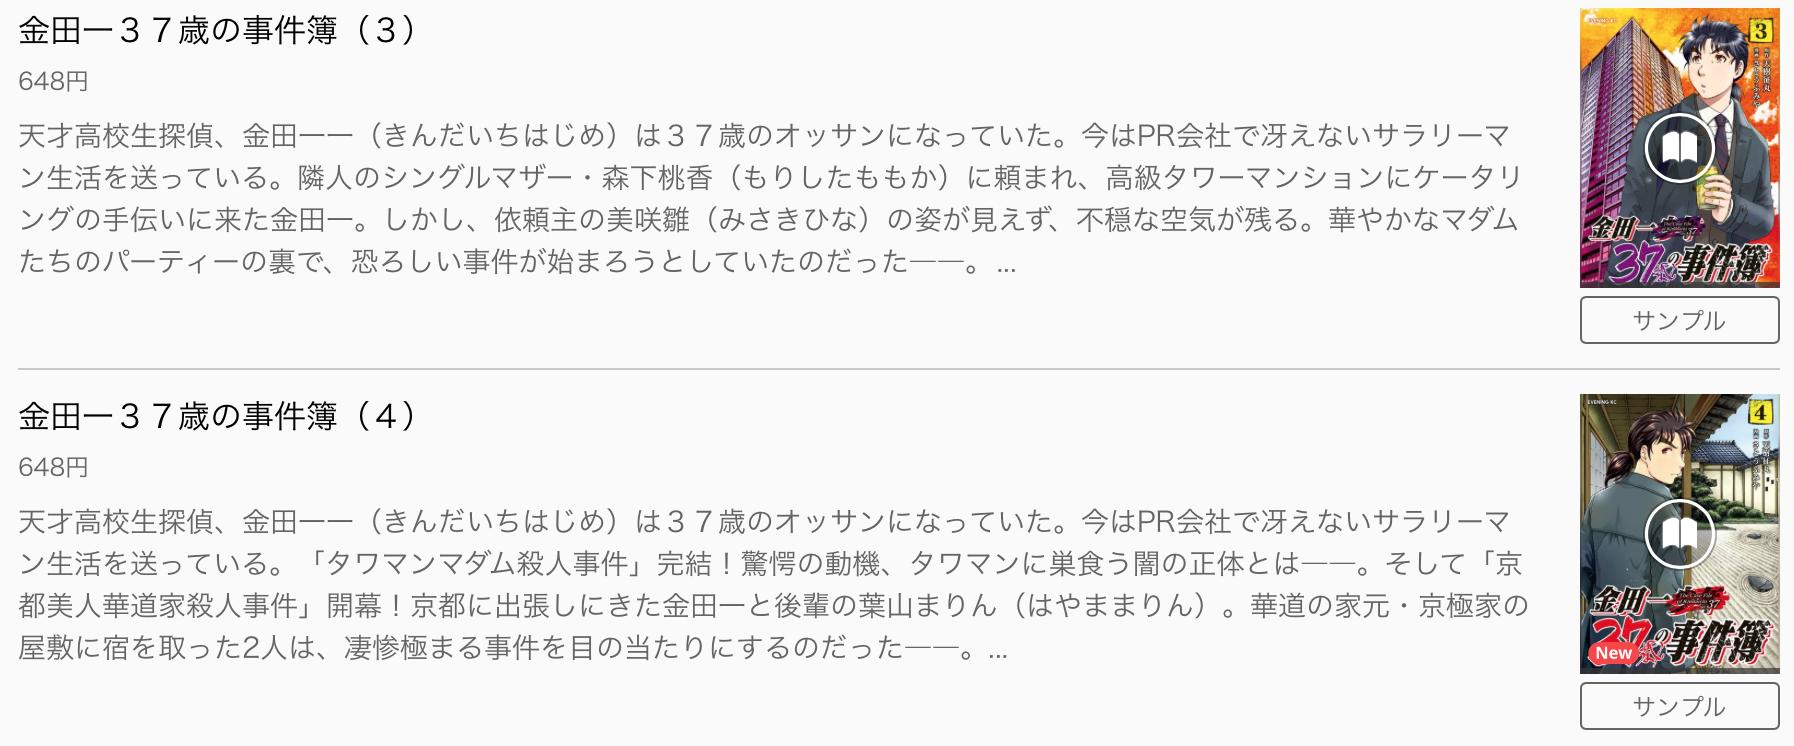 簿 金田一 の 新刊 歳 事件 37 最